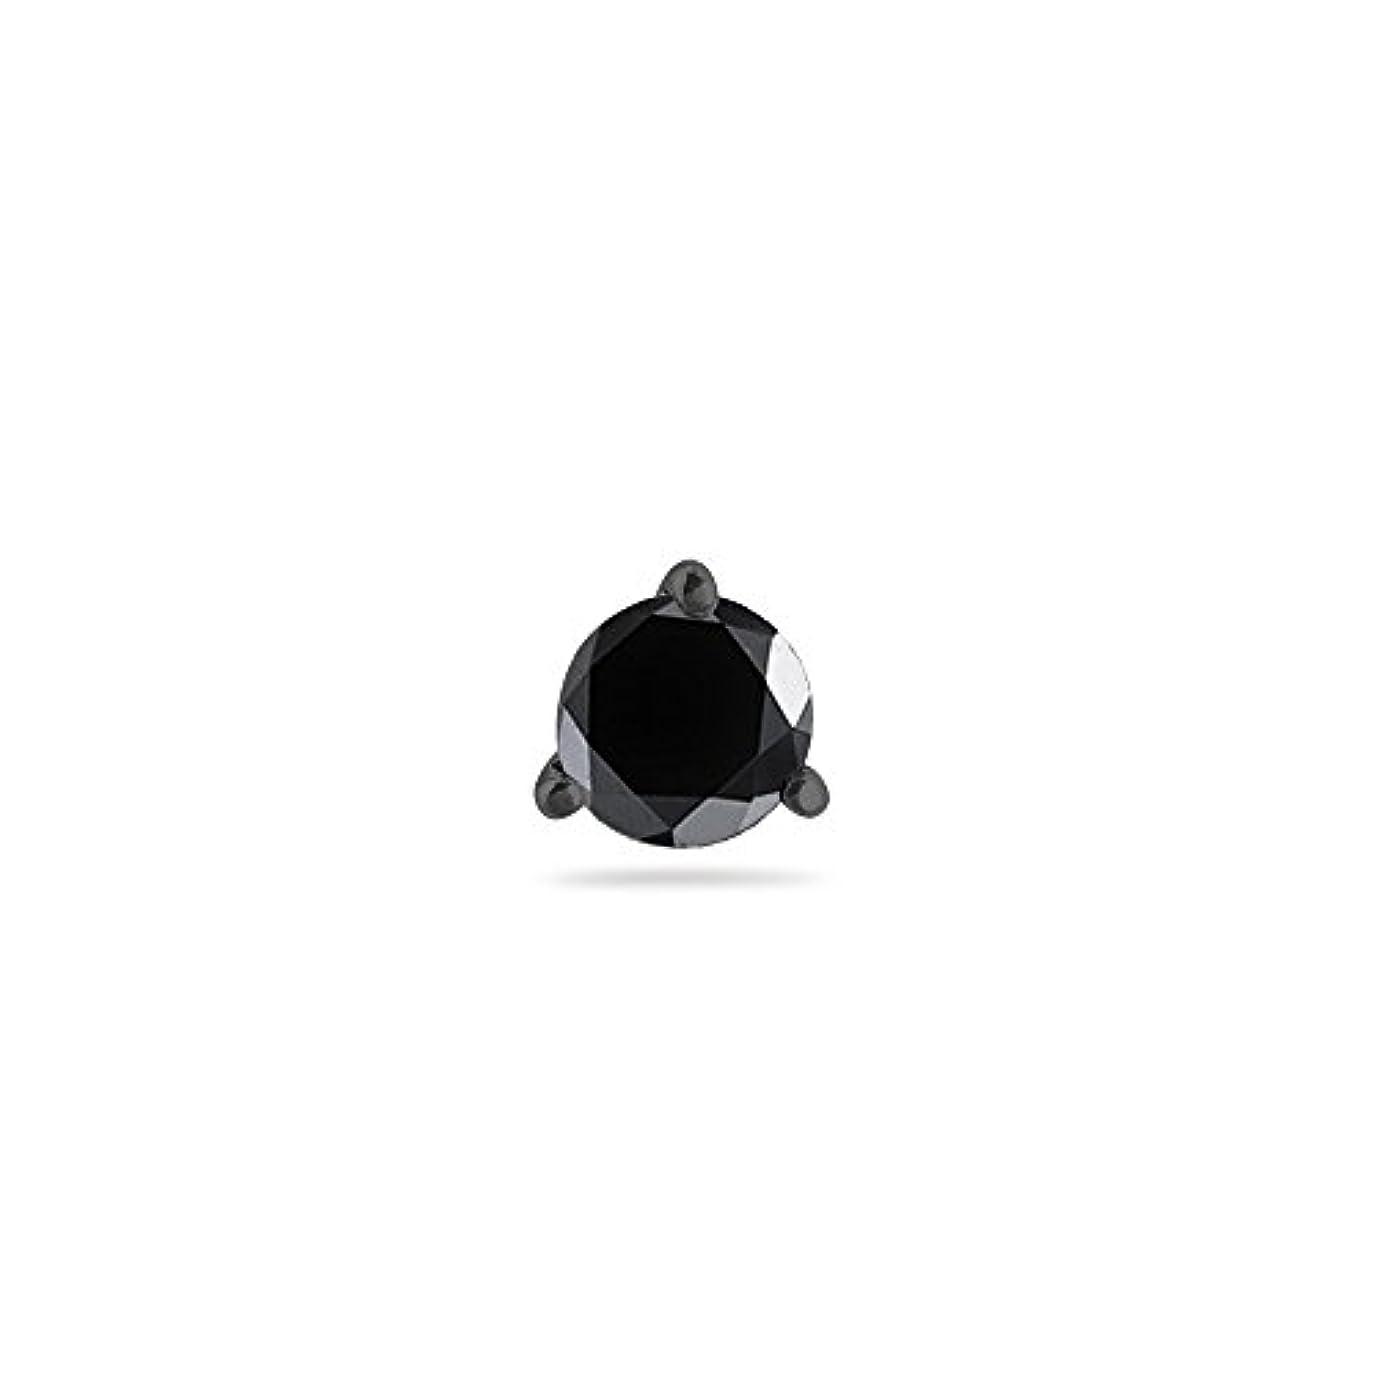 趣味弱める懸念Holiday Deal – 3 / 4 ( 0.71 – 0.80 ) CTSの5.34 – 6.01 MM AAAラウンドブラックダイヤモンドメンズスタッドイヤリング14 K Blackenedホワイトゴールド